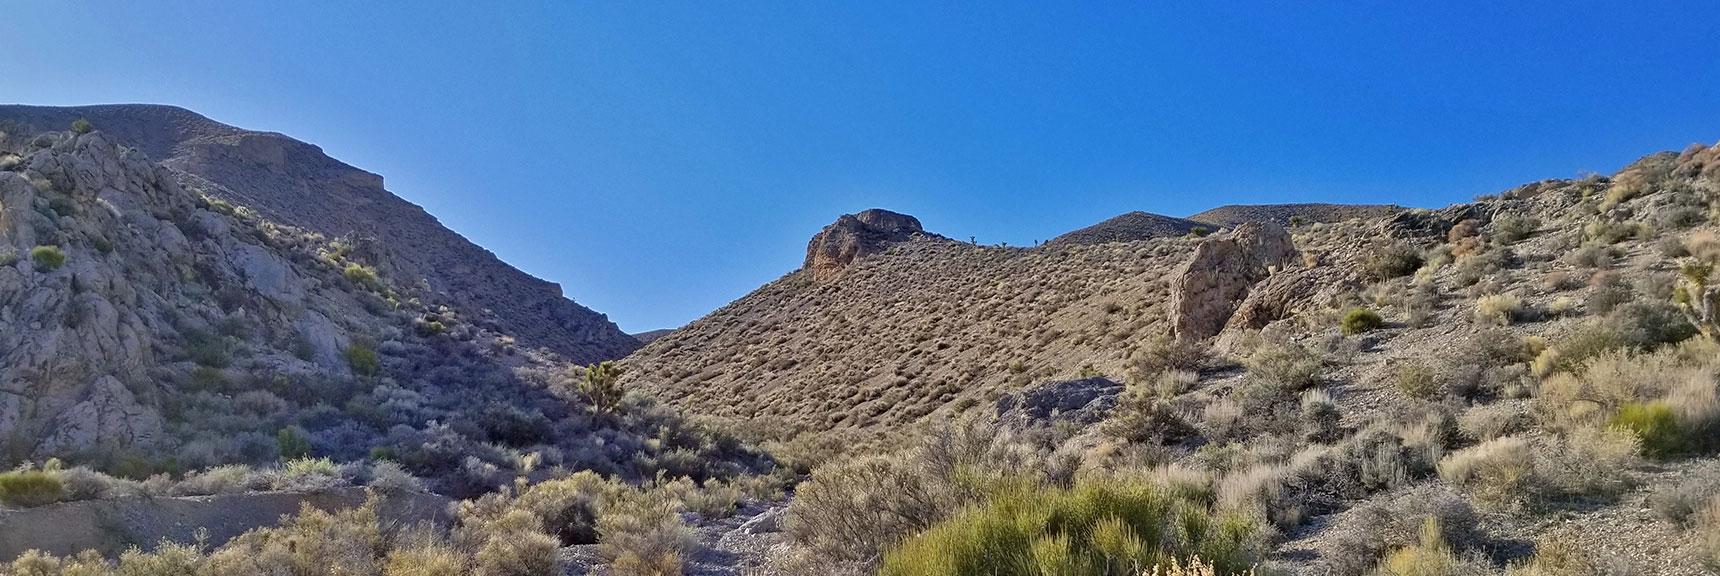 View Up the Gass Peak Mid-Summit ridge Northern Canyon Toward the Mid-Summit | Gass Peak Eastern Summit Ultra-marathon Adventure, Nevada